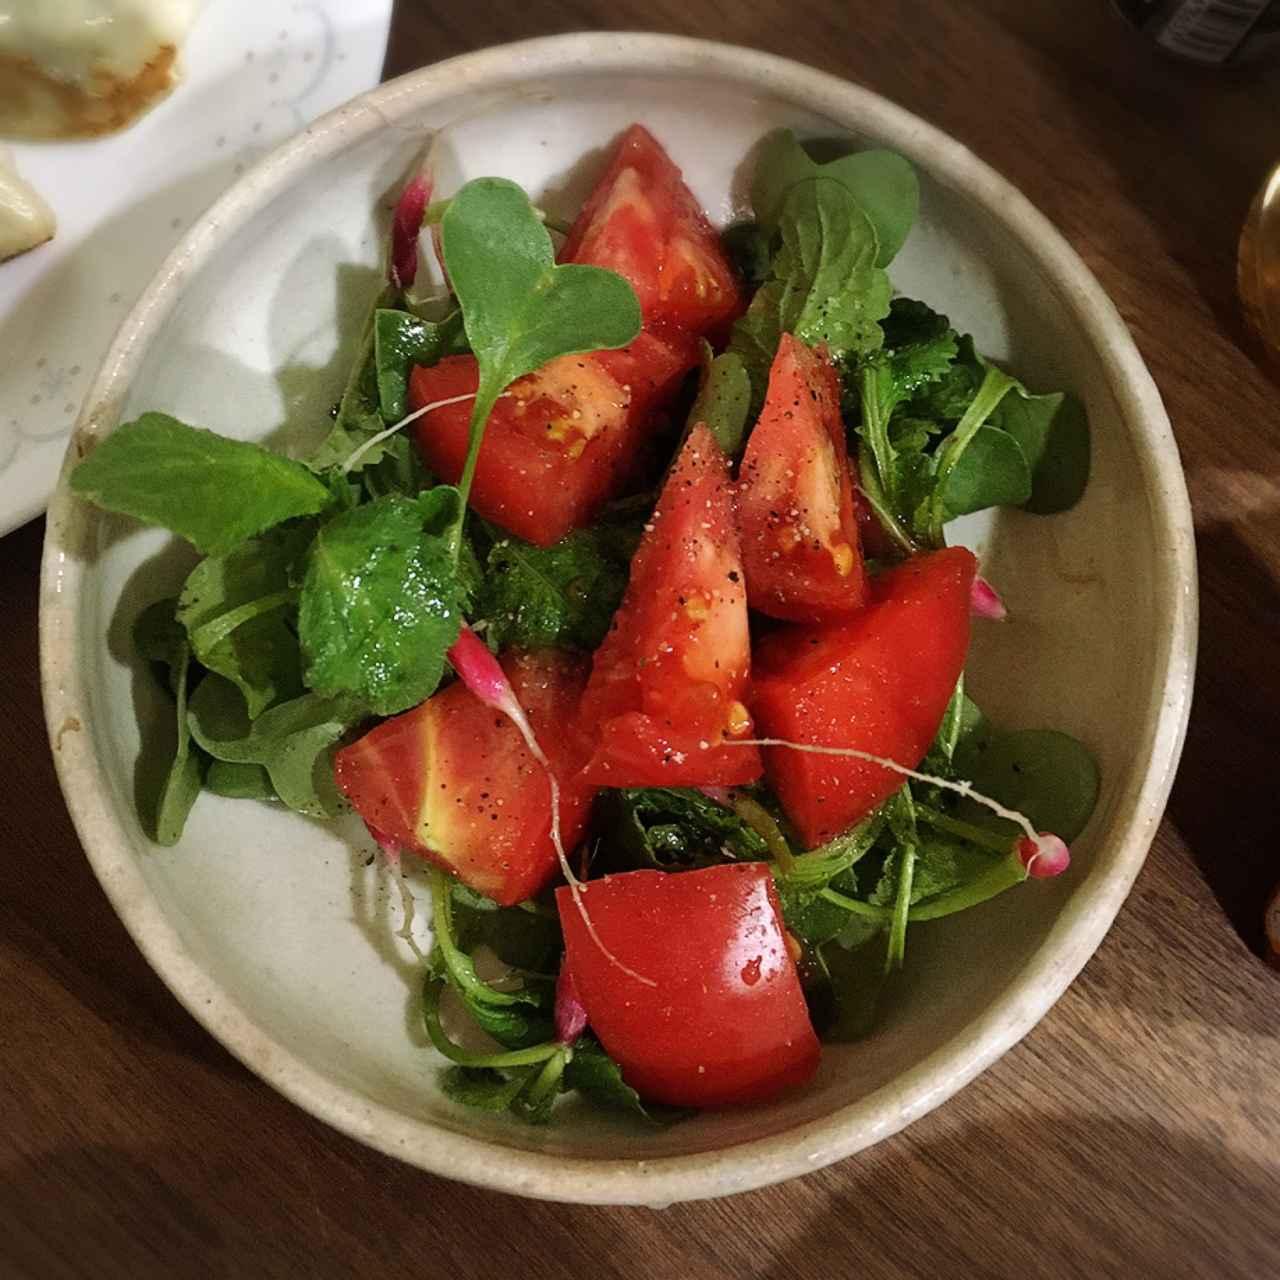 画像: 筆者撮影 シンプルにオリーブオイルと塩胡椒でいただきました。